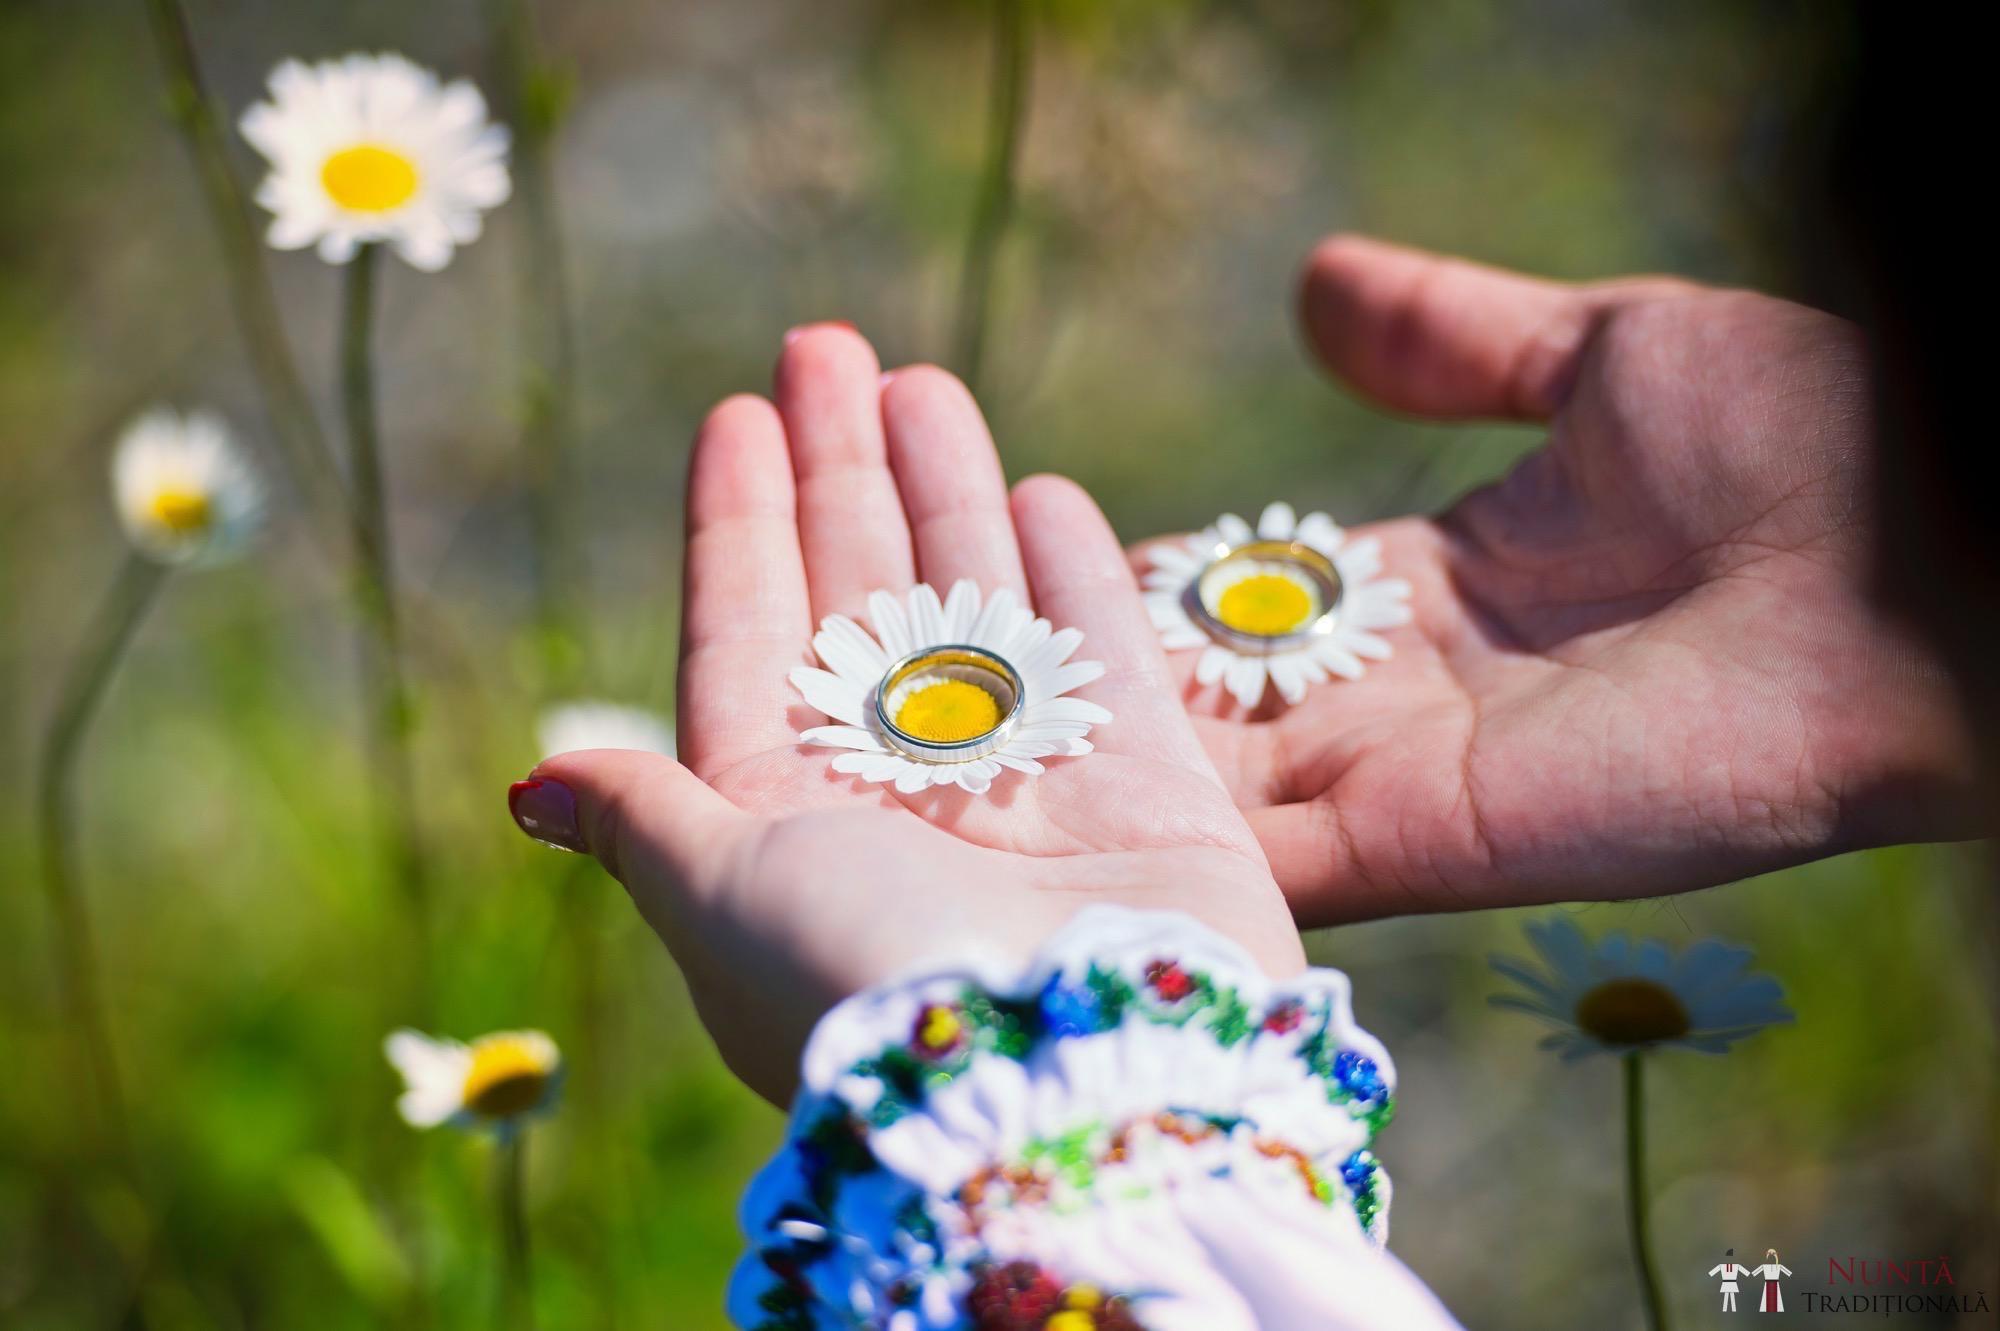 Povești Nunți Tradiționale - Gabriela și Mădălin - Nuntă Tradițională în Suceava, Bucovina 13